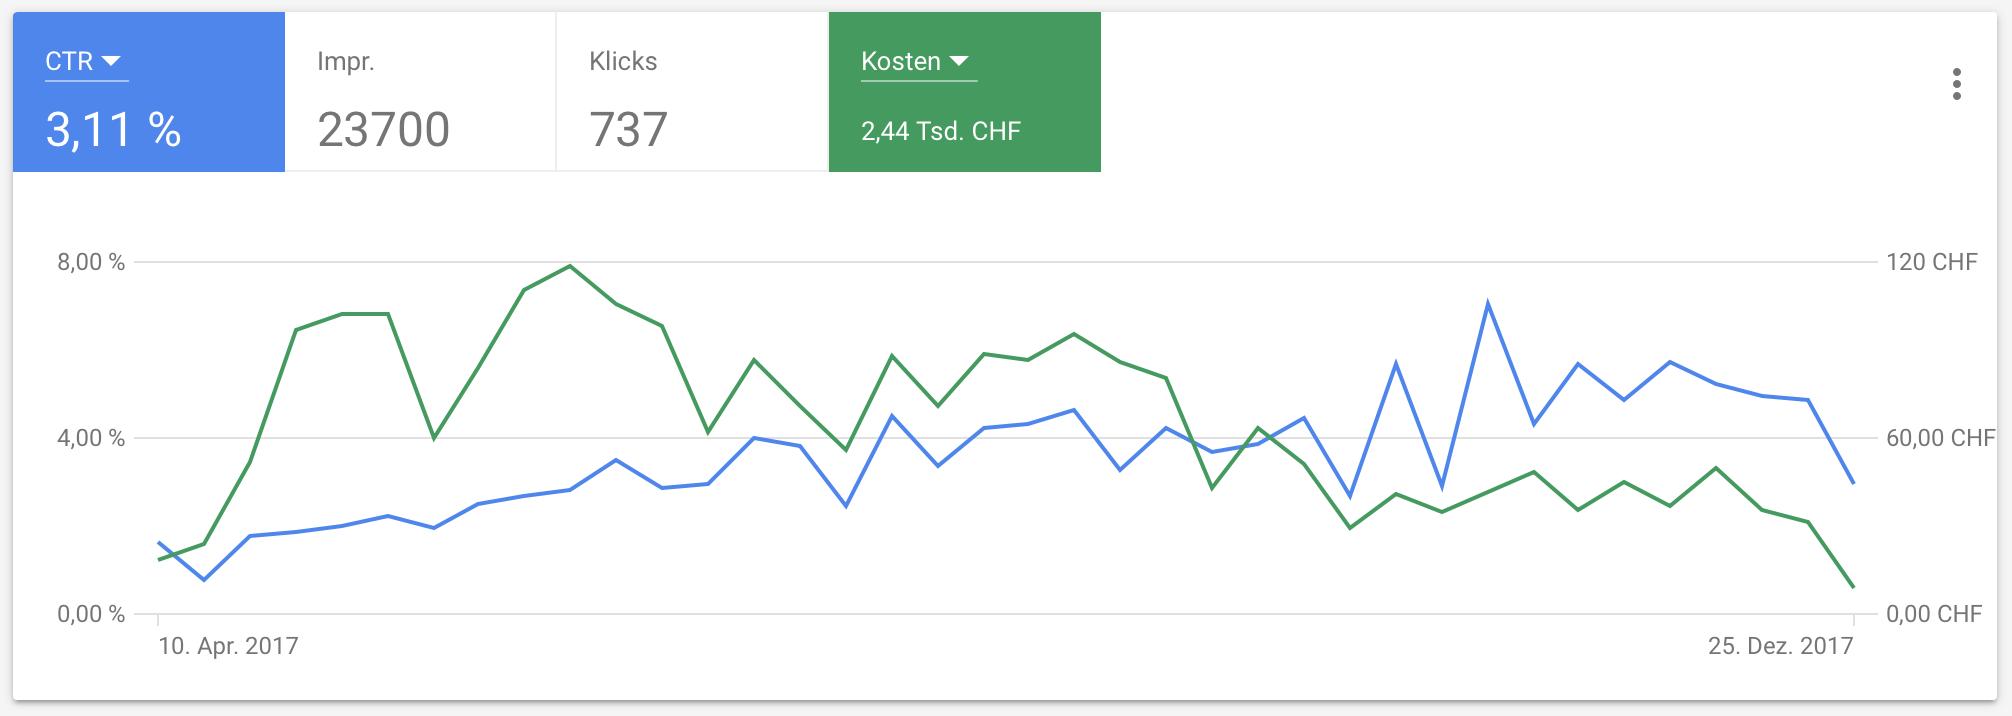 CTR und Kosten der AdWords Kampagnen.